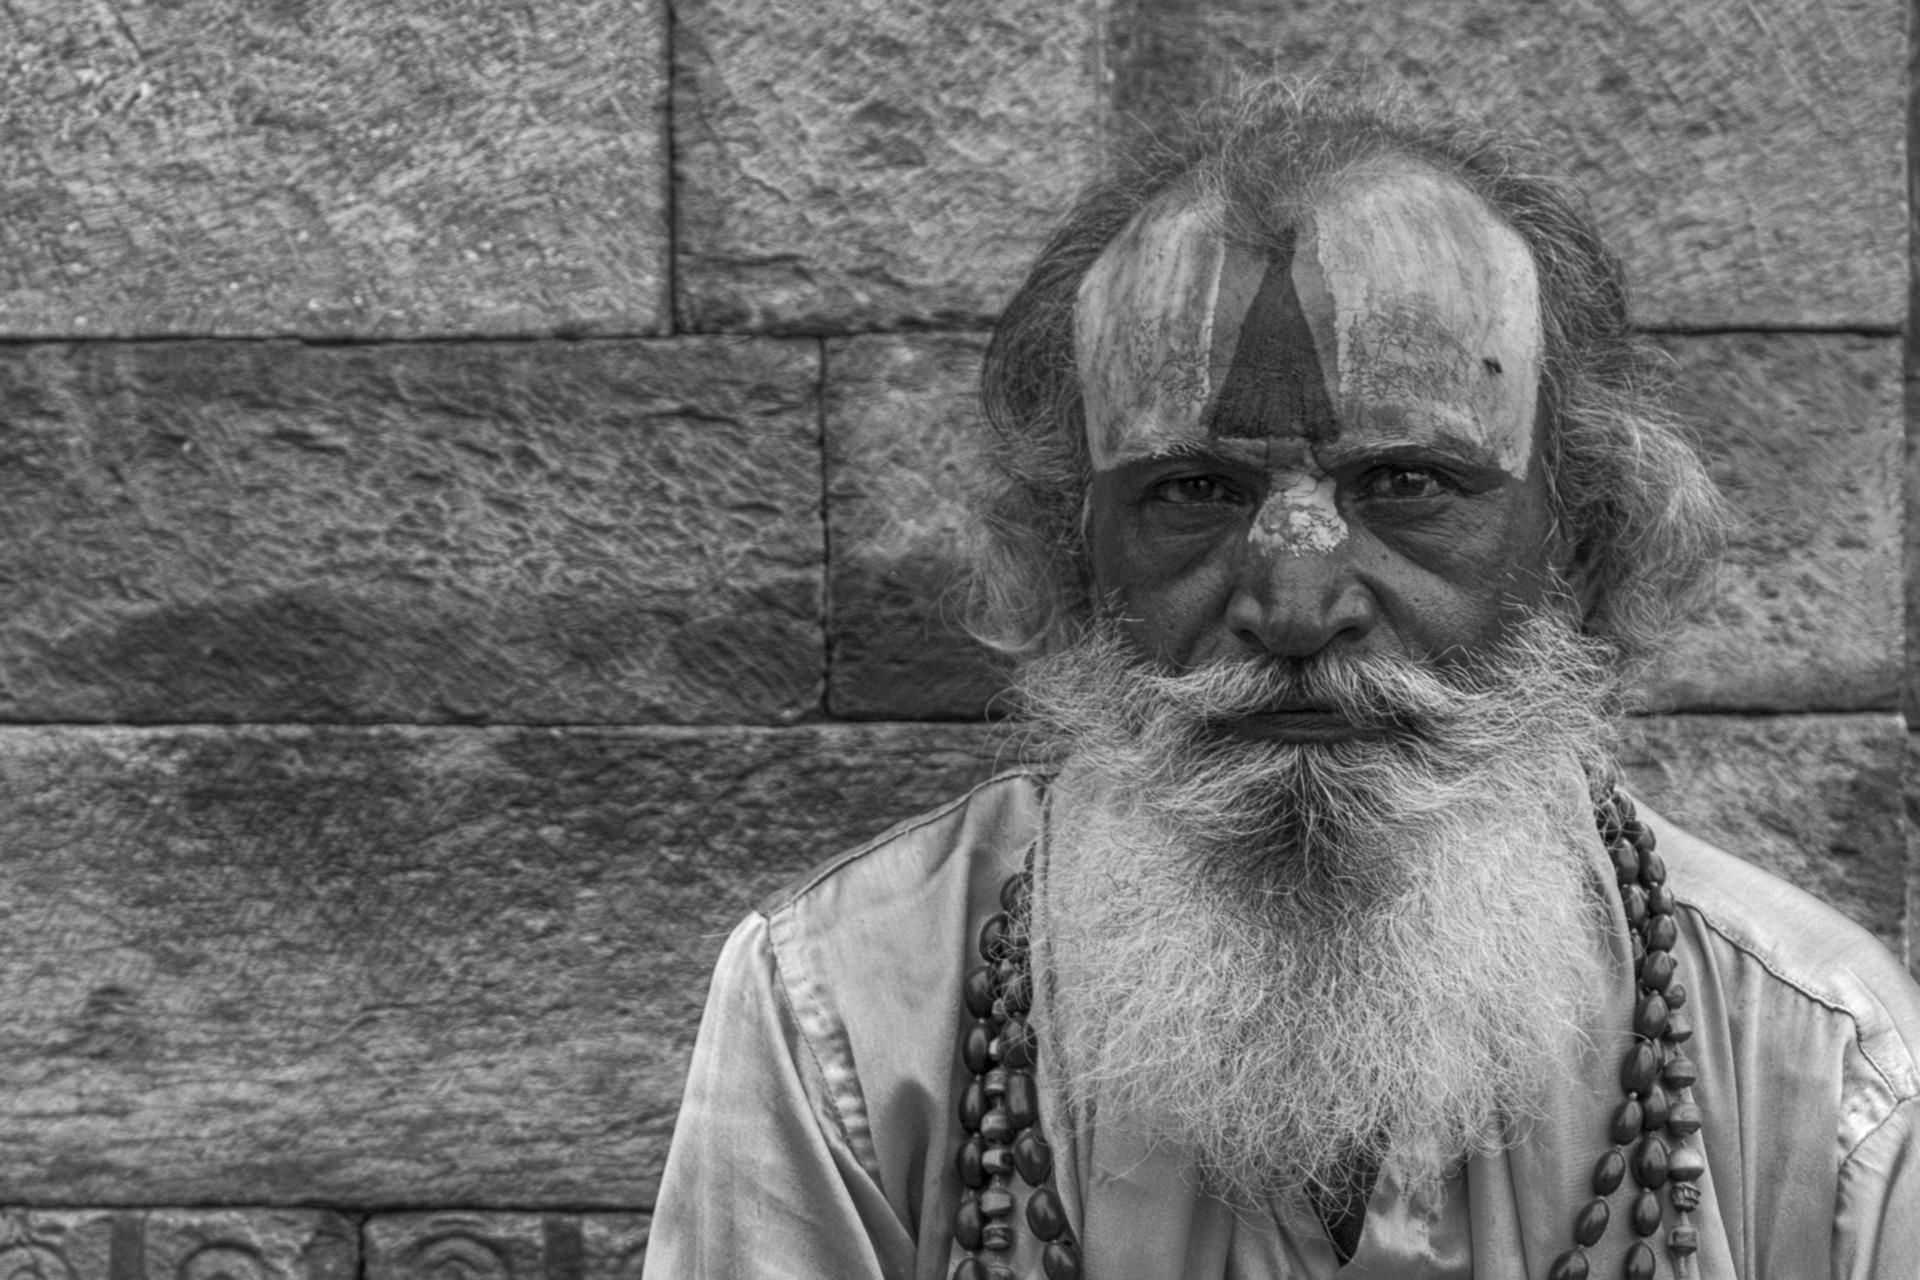 menschen-in-nepal-20160921-0485-1